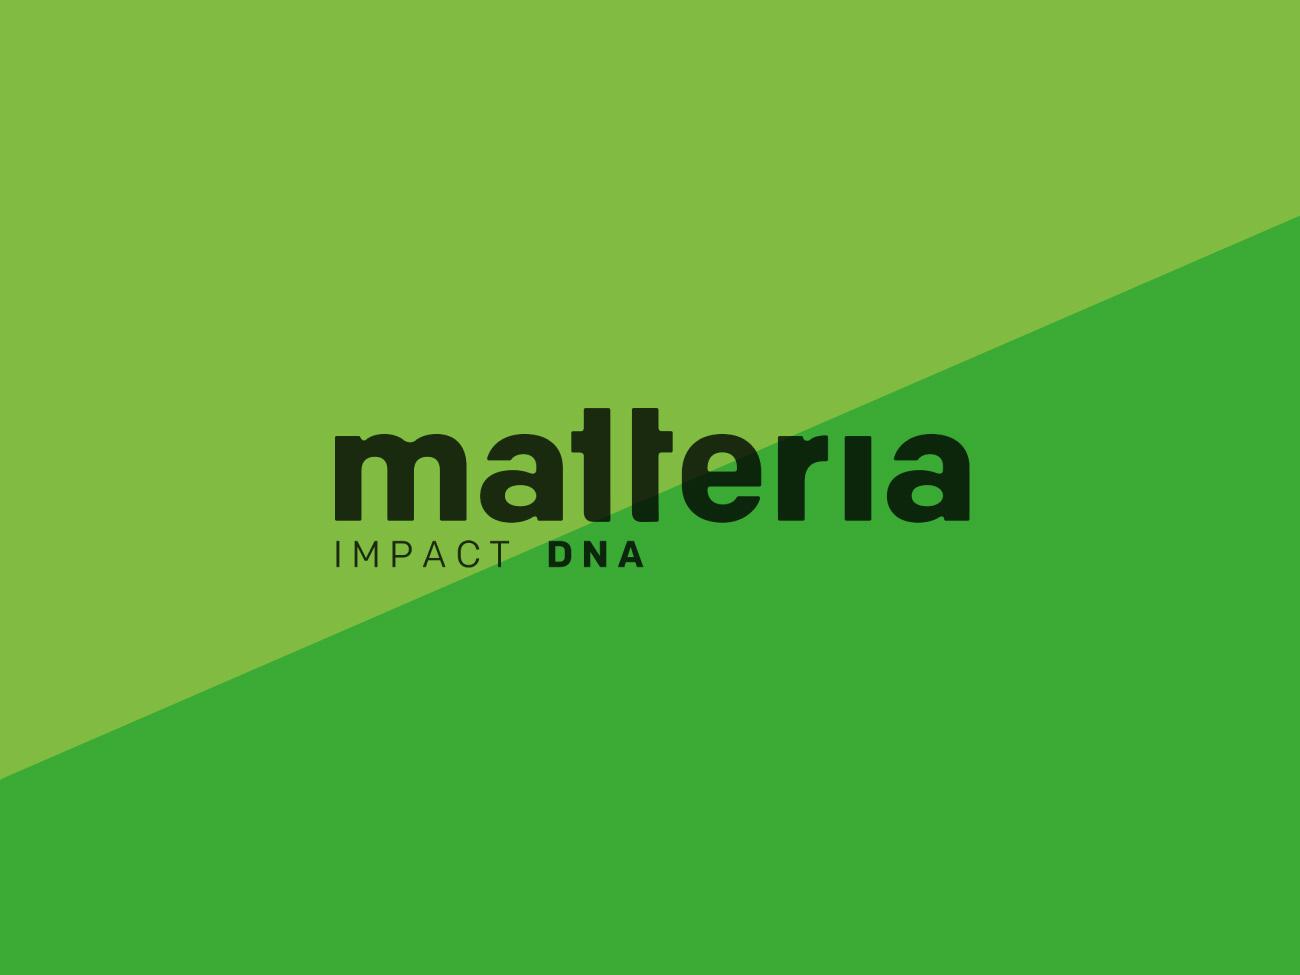 Matteria.co